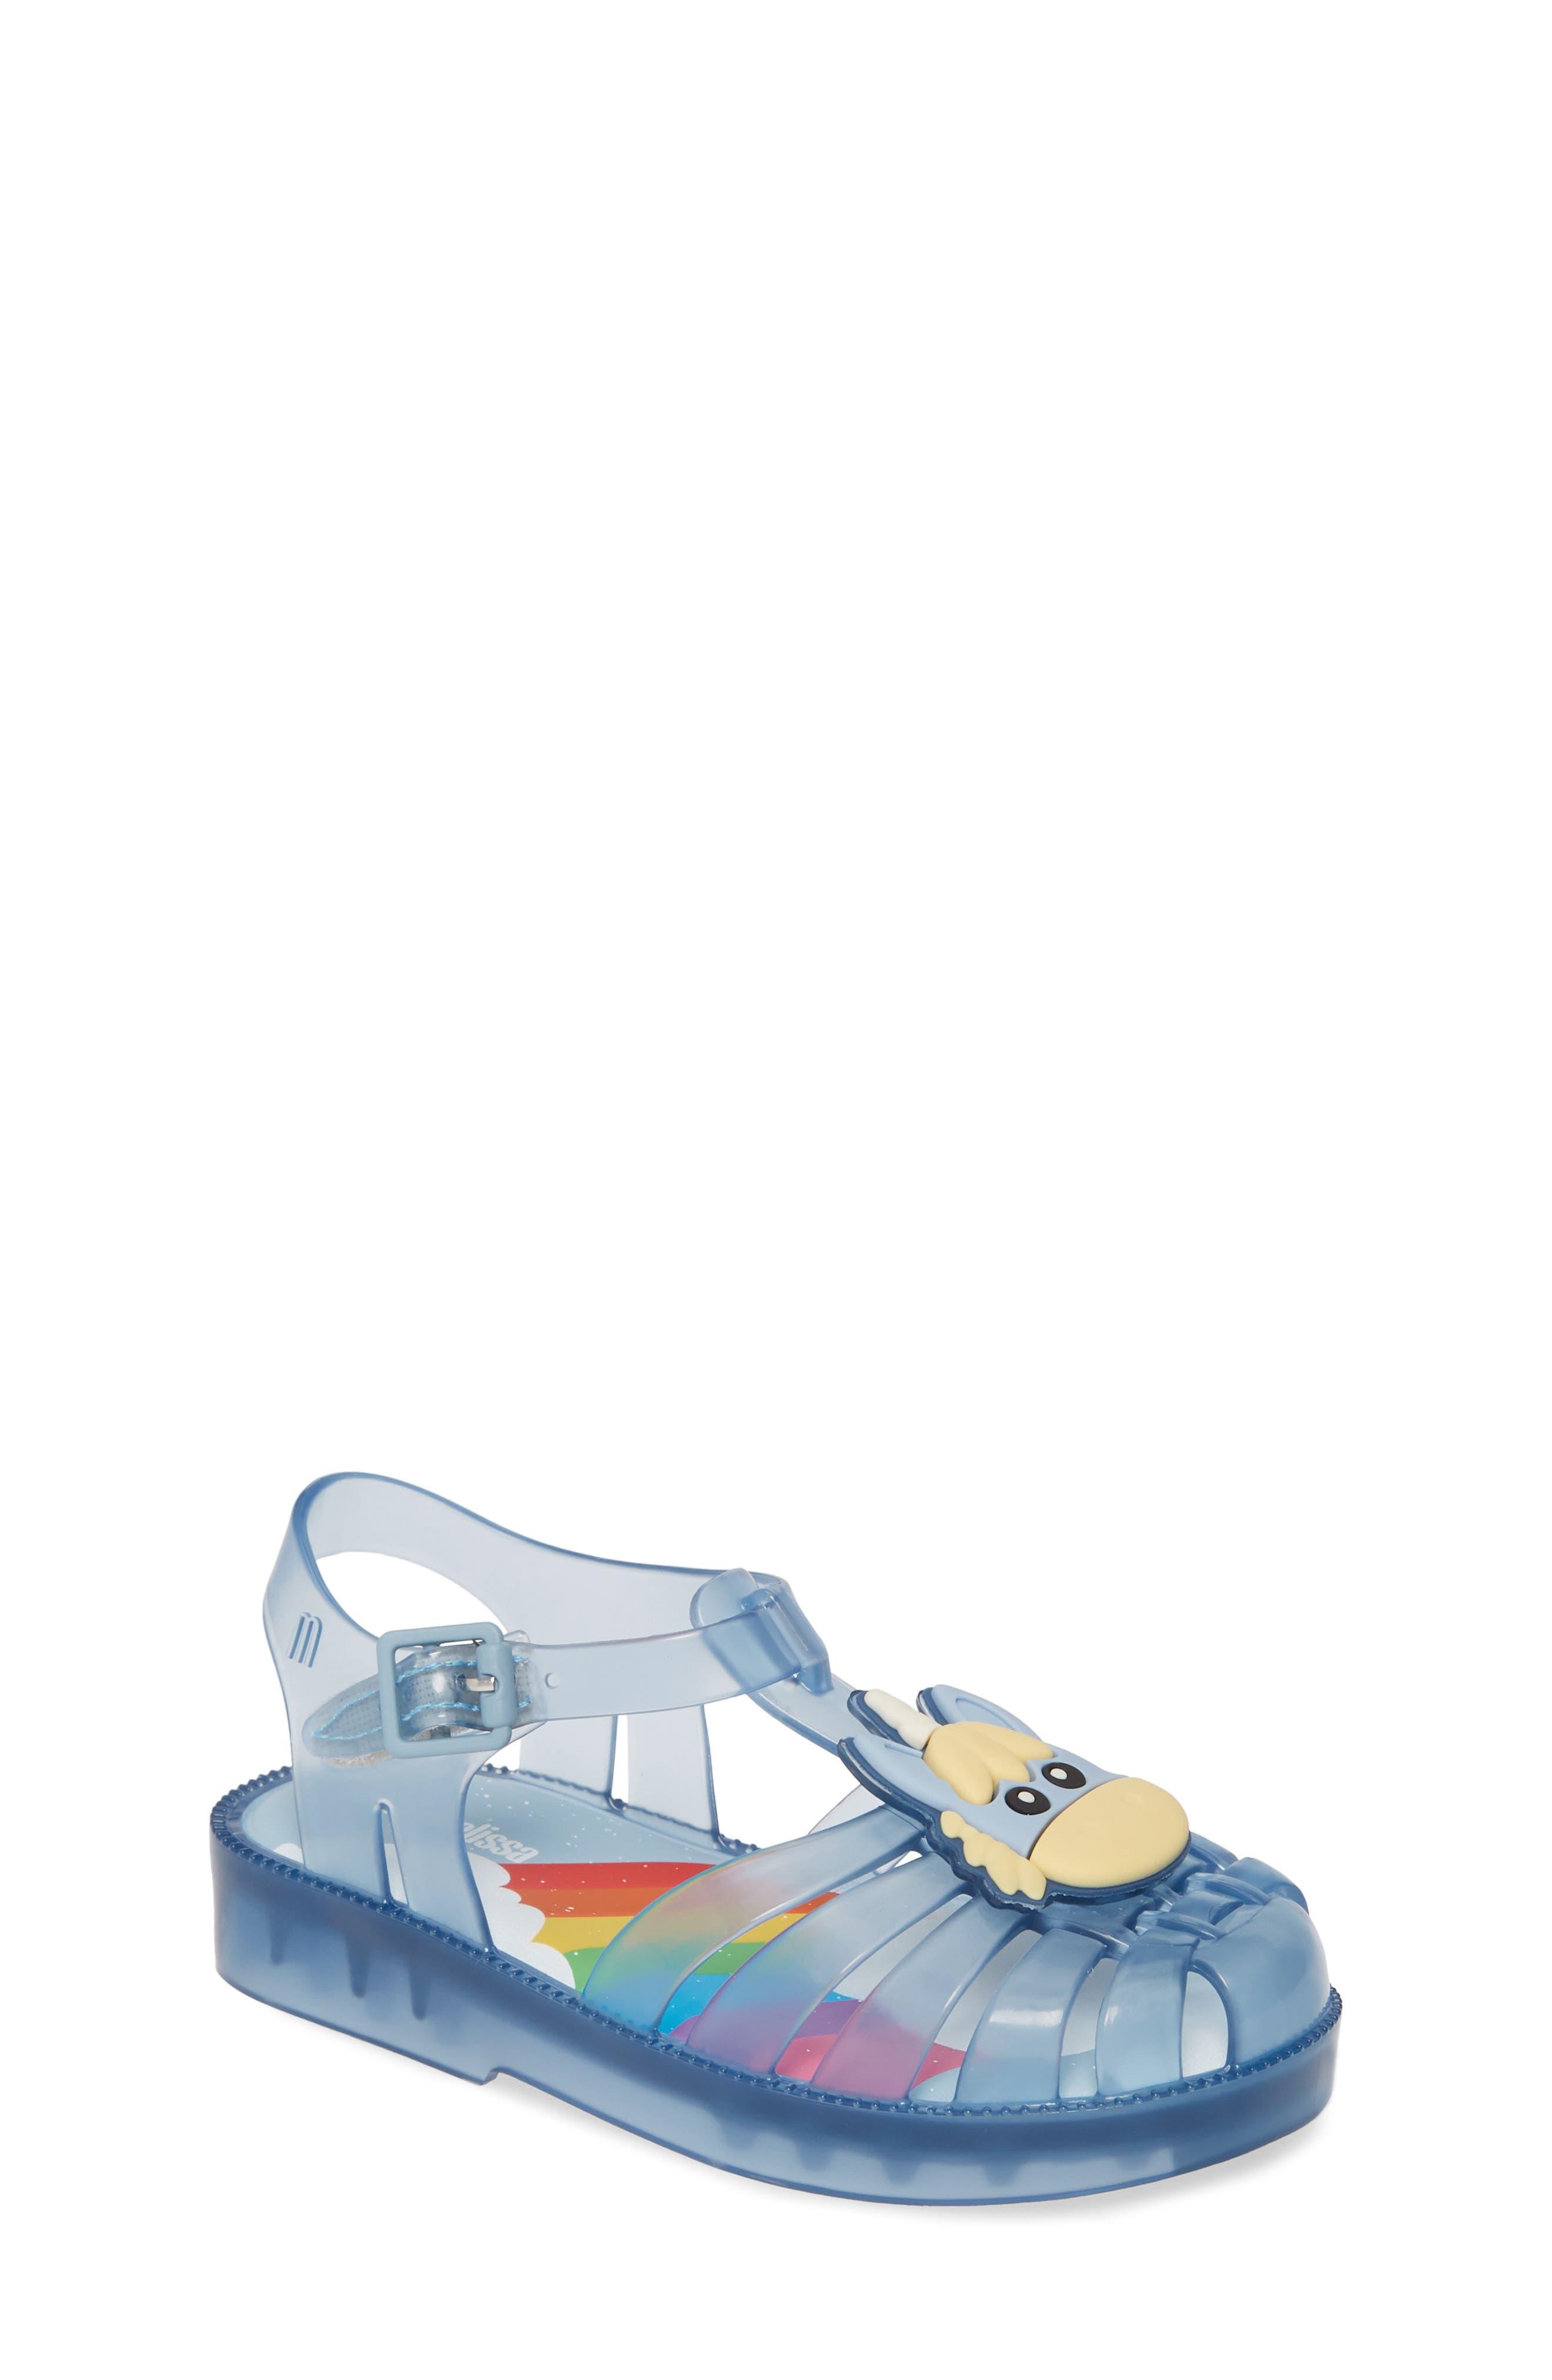 Toddler Girls Melissa Possession Unicorn Glitter Sandal Size 10 M  Blue